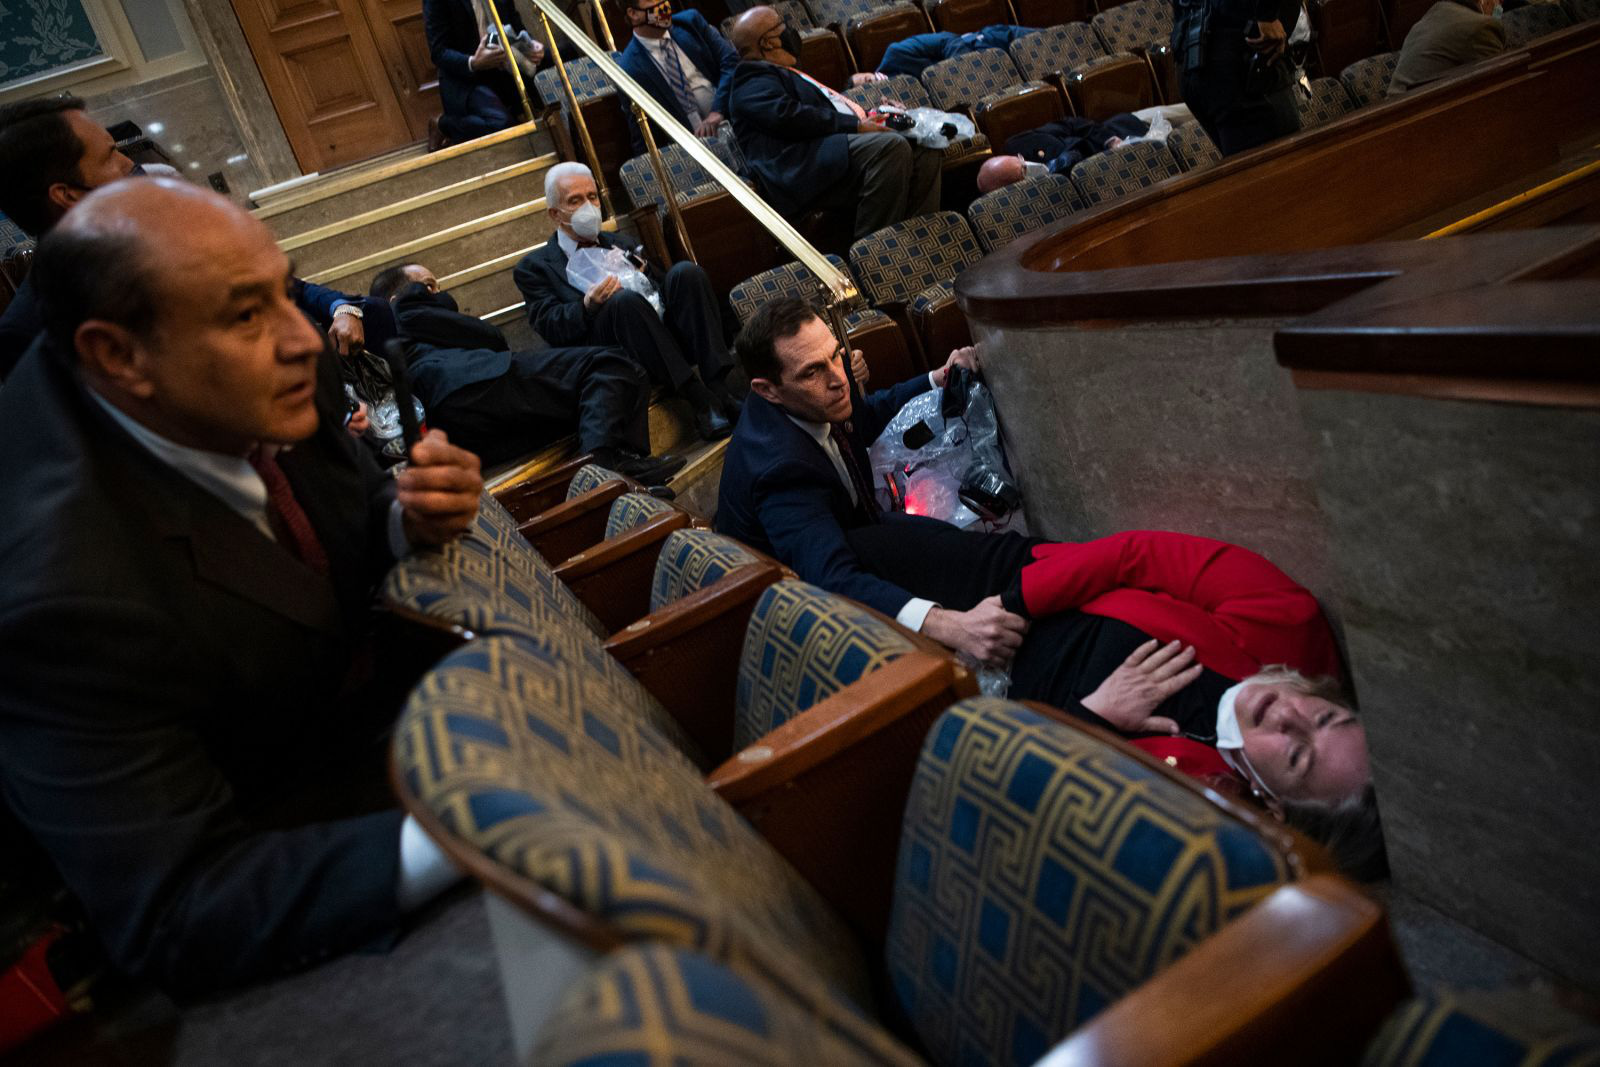 """(Chùm ảnh) Toàn cảnh người biểu tình """"chiếm cứ"""" tòa nhà Quốc hội trong một ngày hoảng loạn cho nước Mỹ - Ảnh 6."""